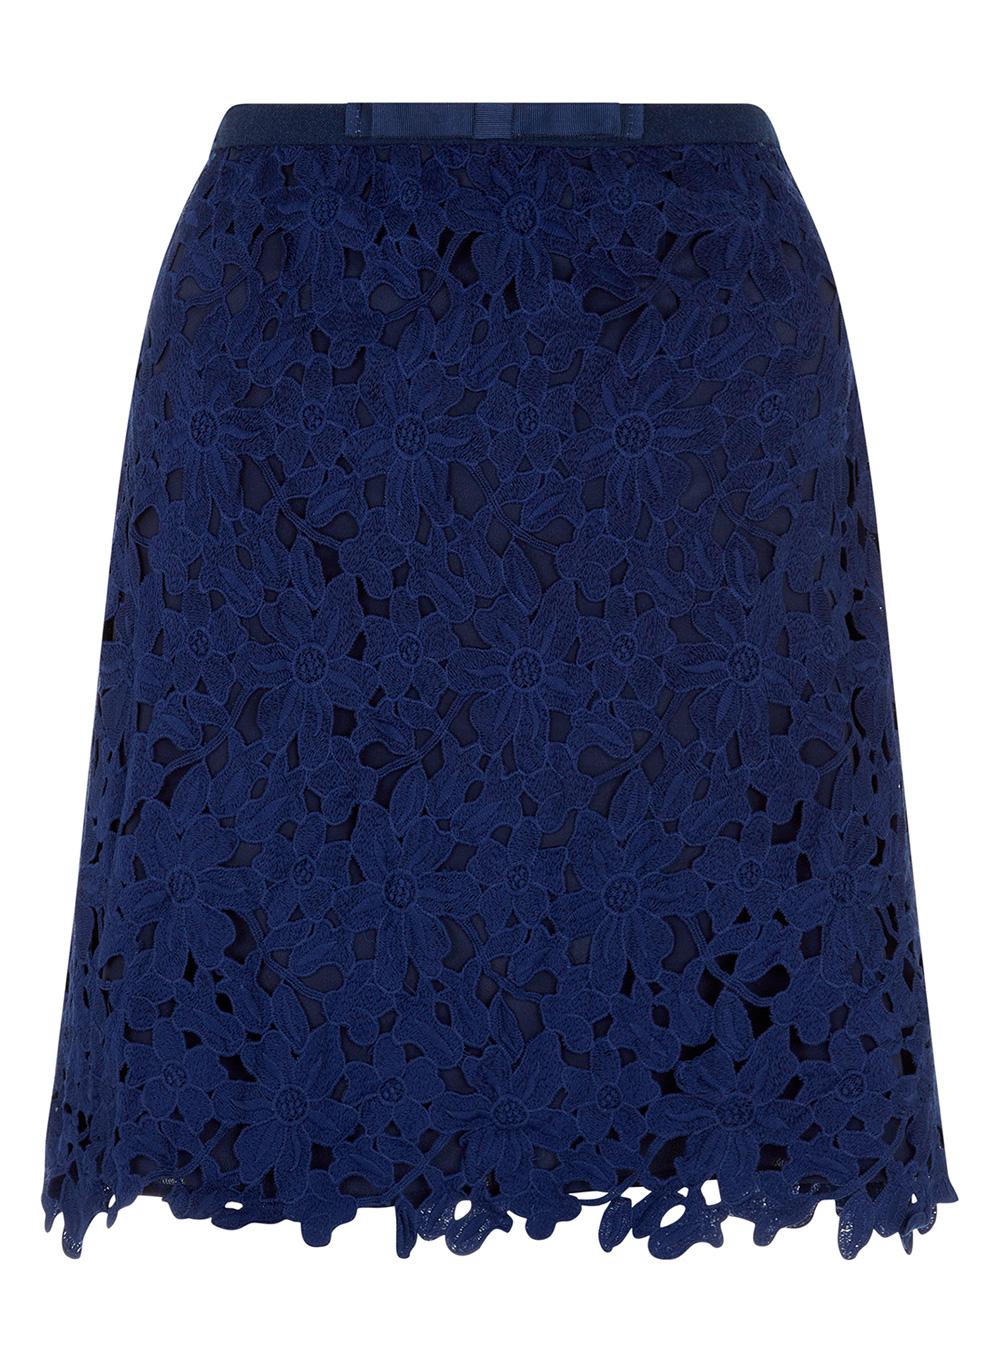 Darling Fleur Lace Skirt DA14-715 at darlingclothes.com